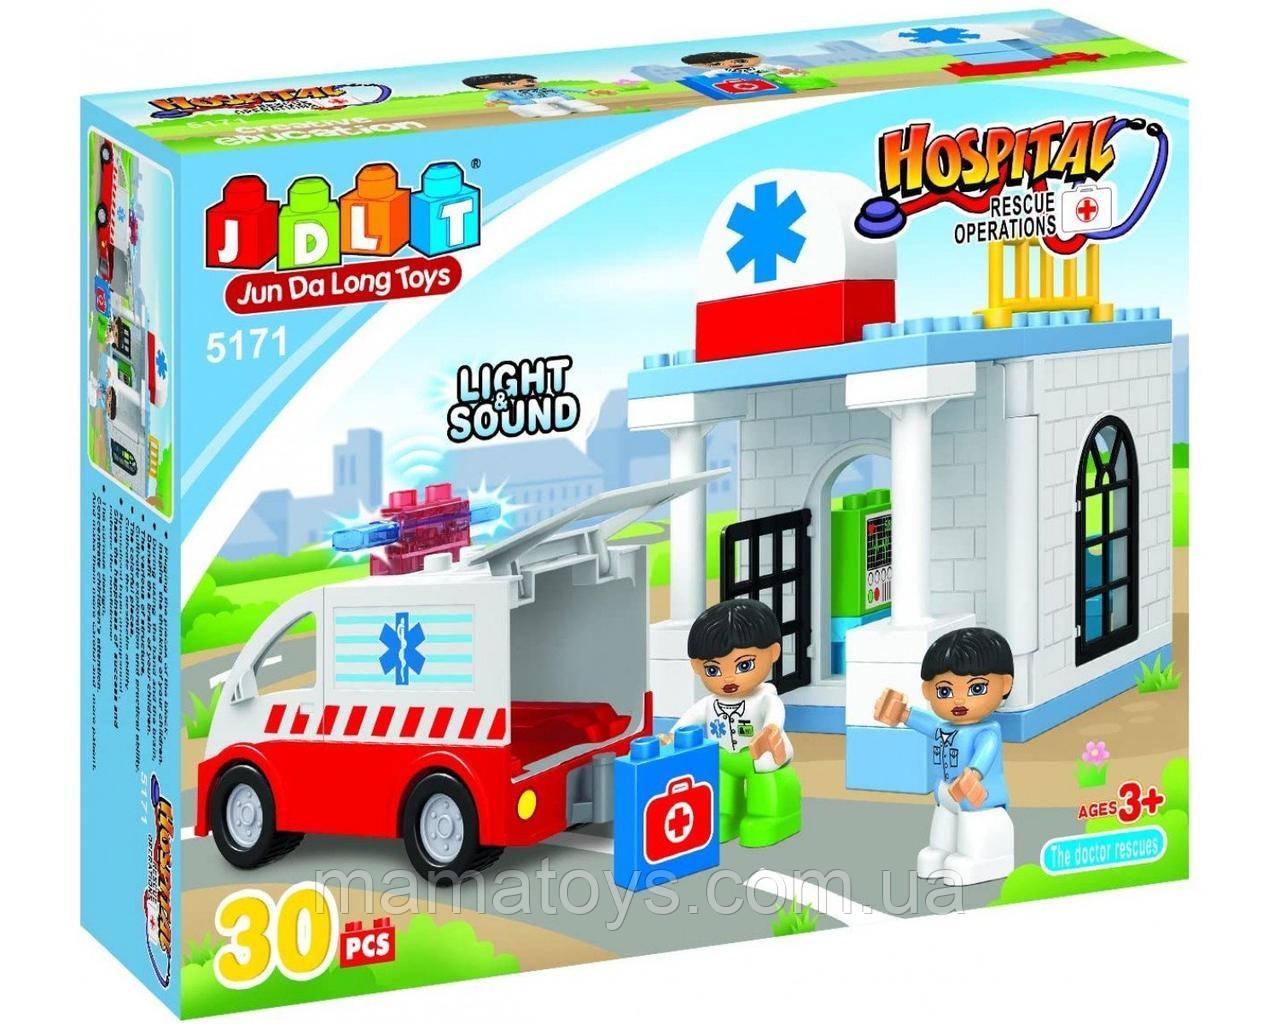 Детский Конструктор JDLT 5171 Пункт Скорой помощи 30 Крупных деталей, звук, свет